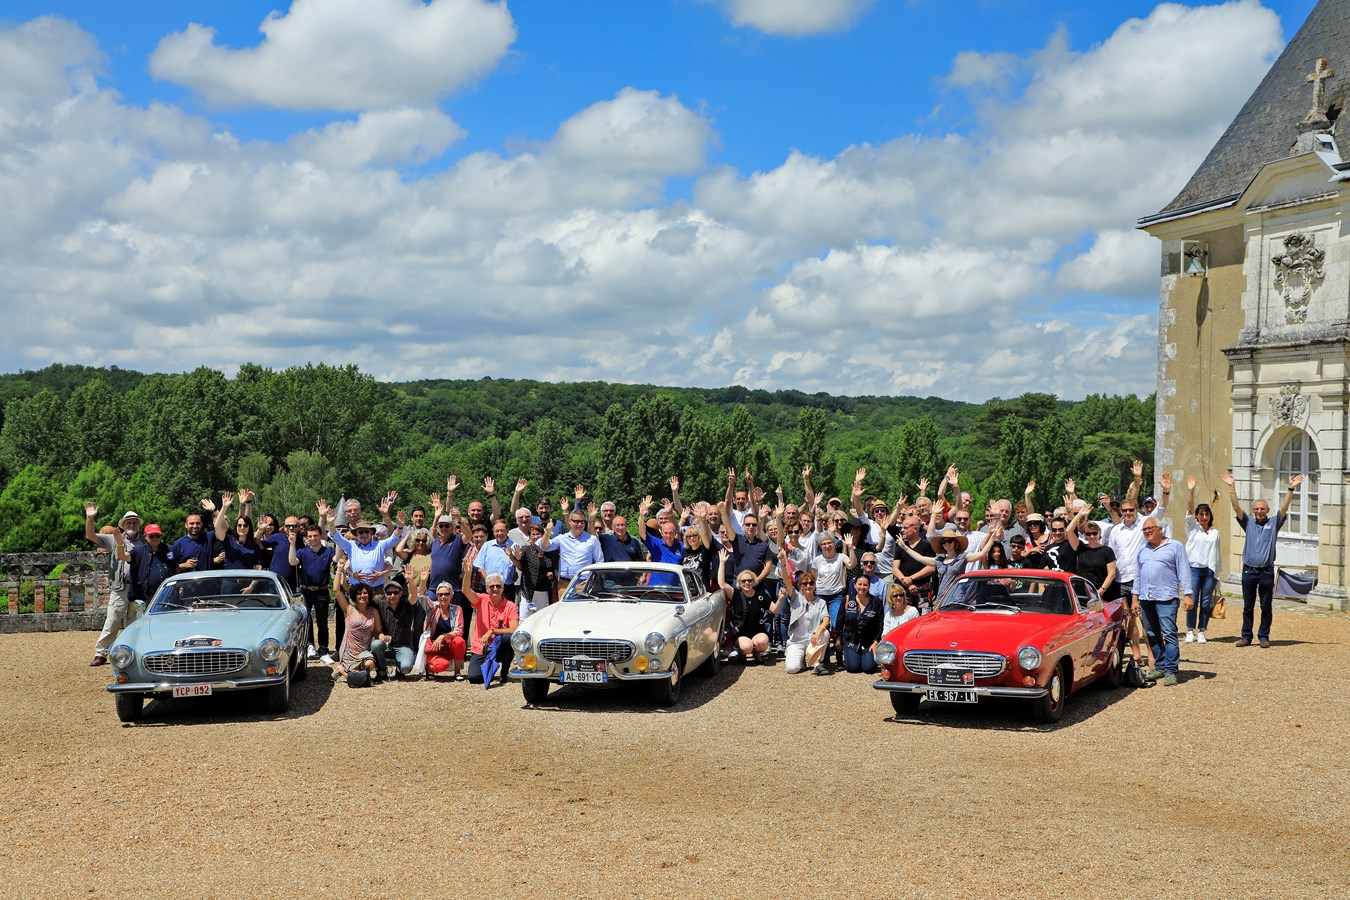 Le Viking Classic Rally 2018 : des Volvo d'exception pour un rassemblement unique